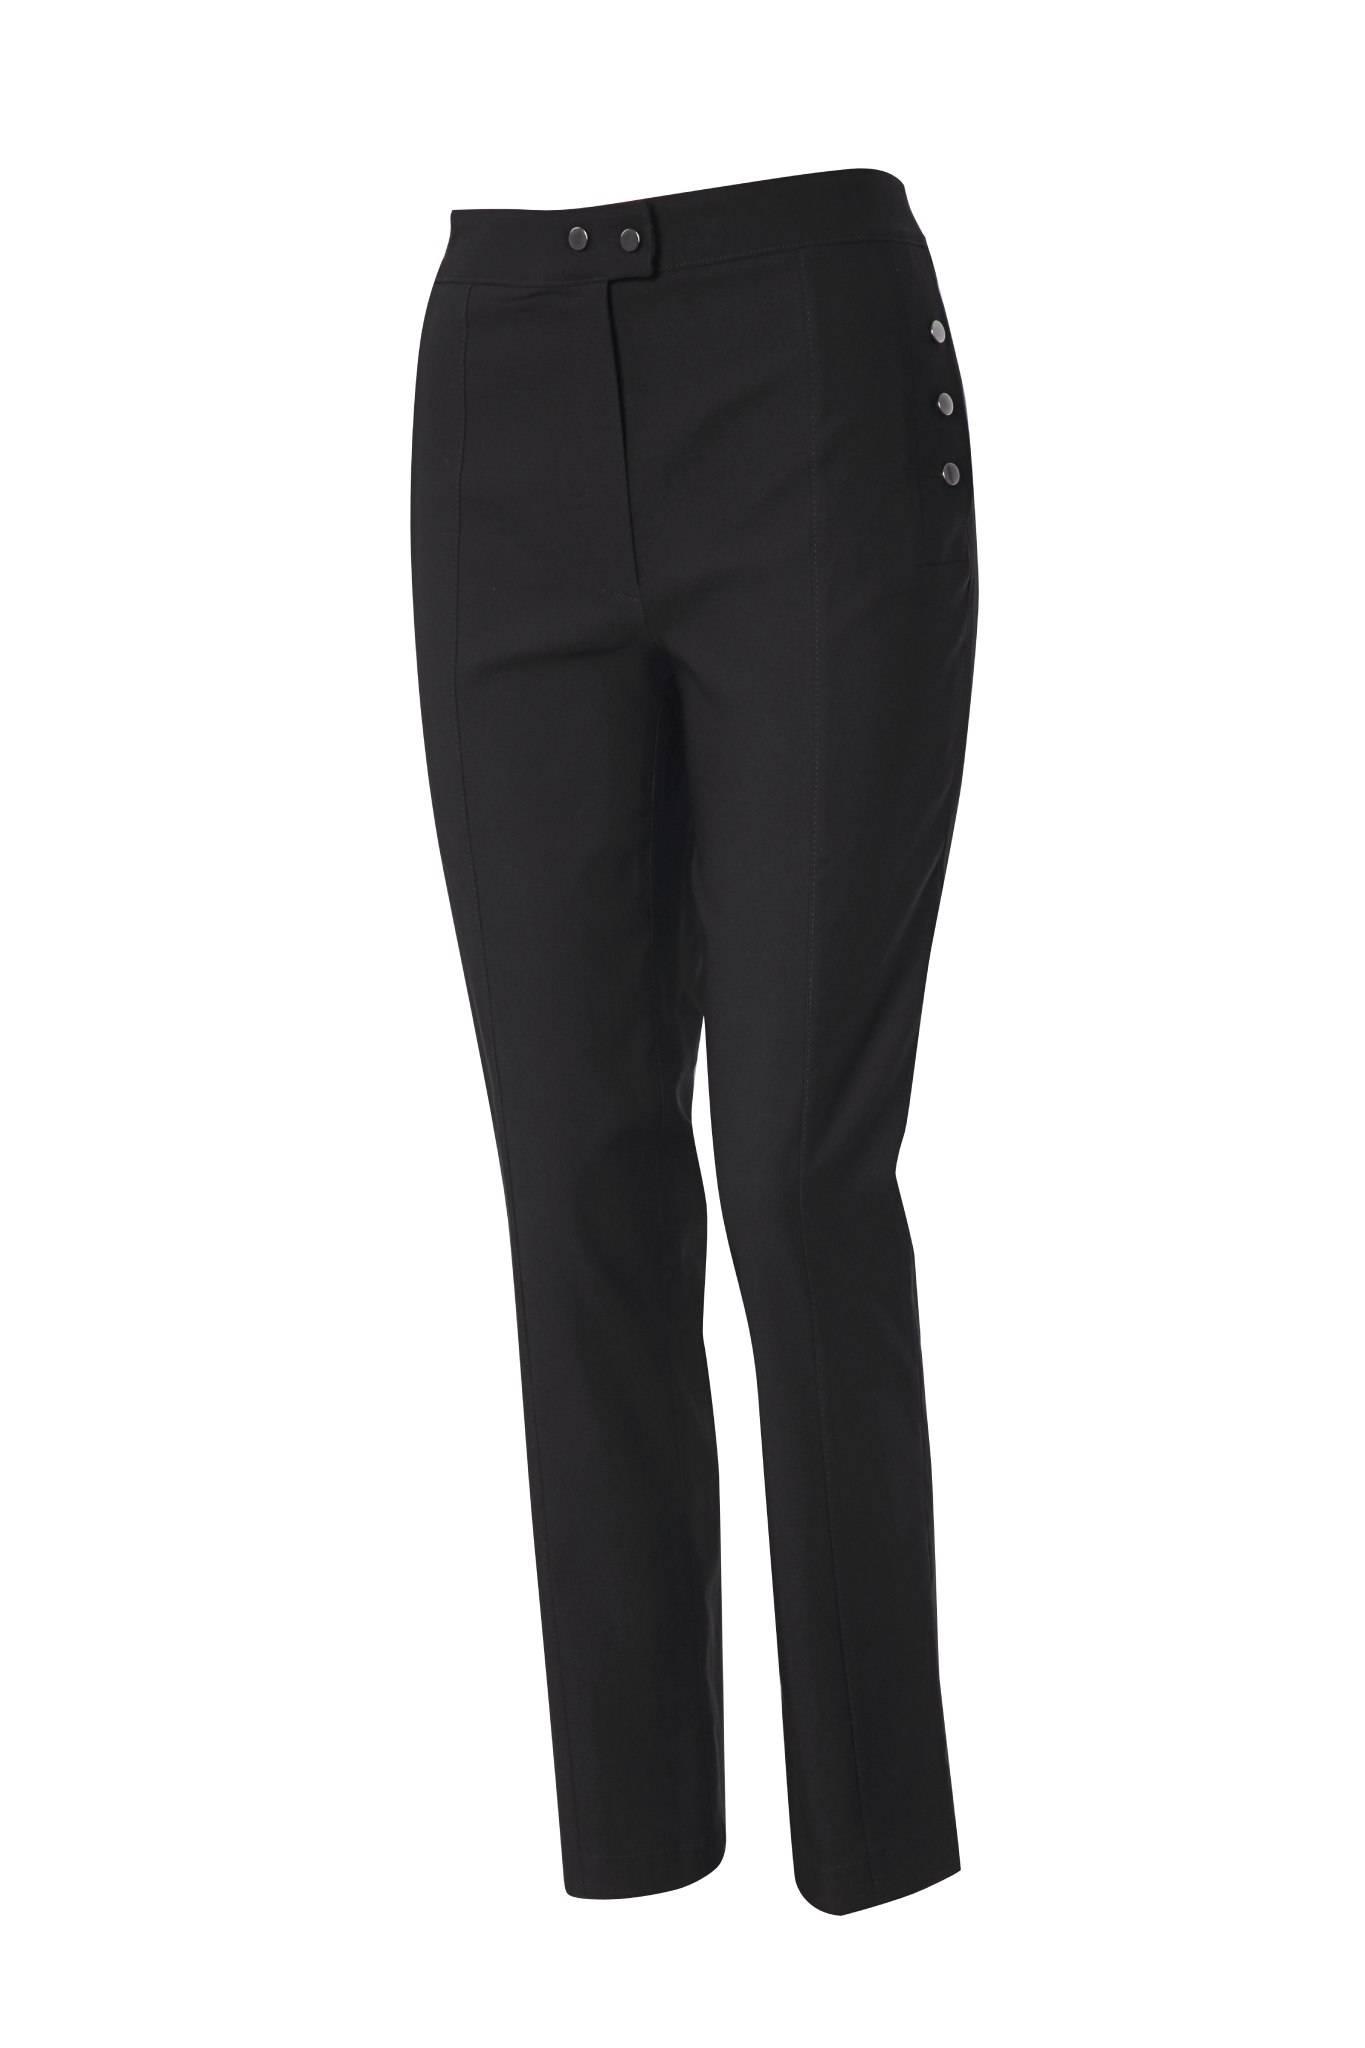 1216 Jumitex czarne spodnie damskie przod